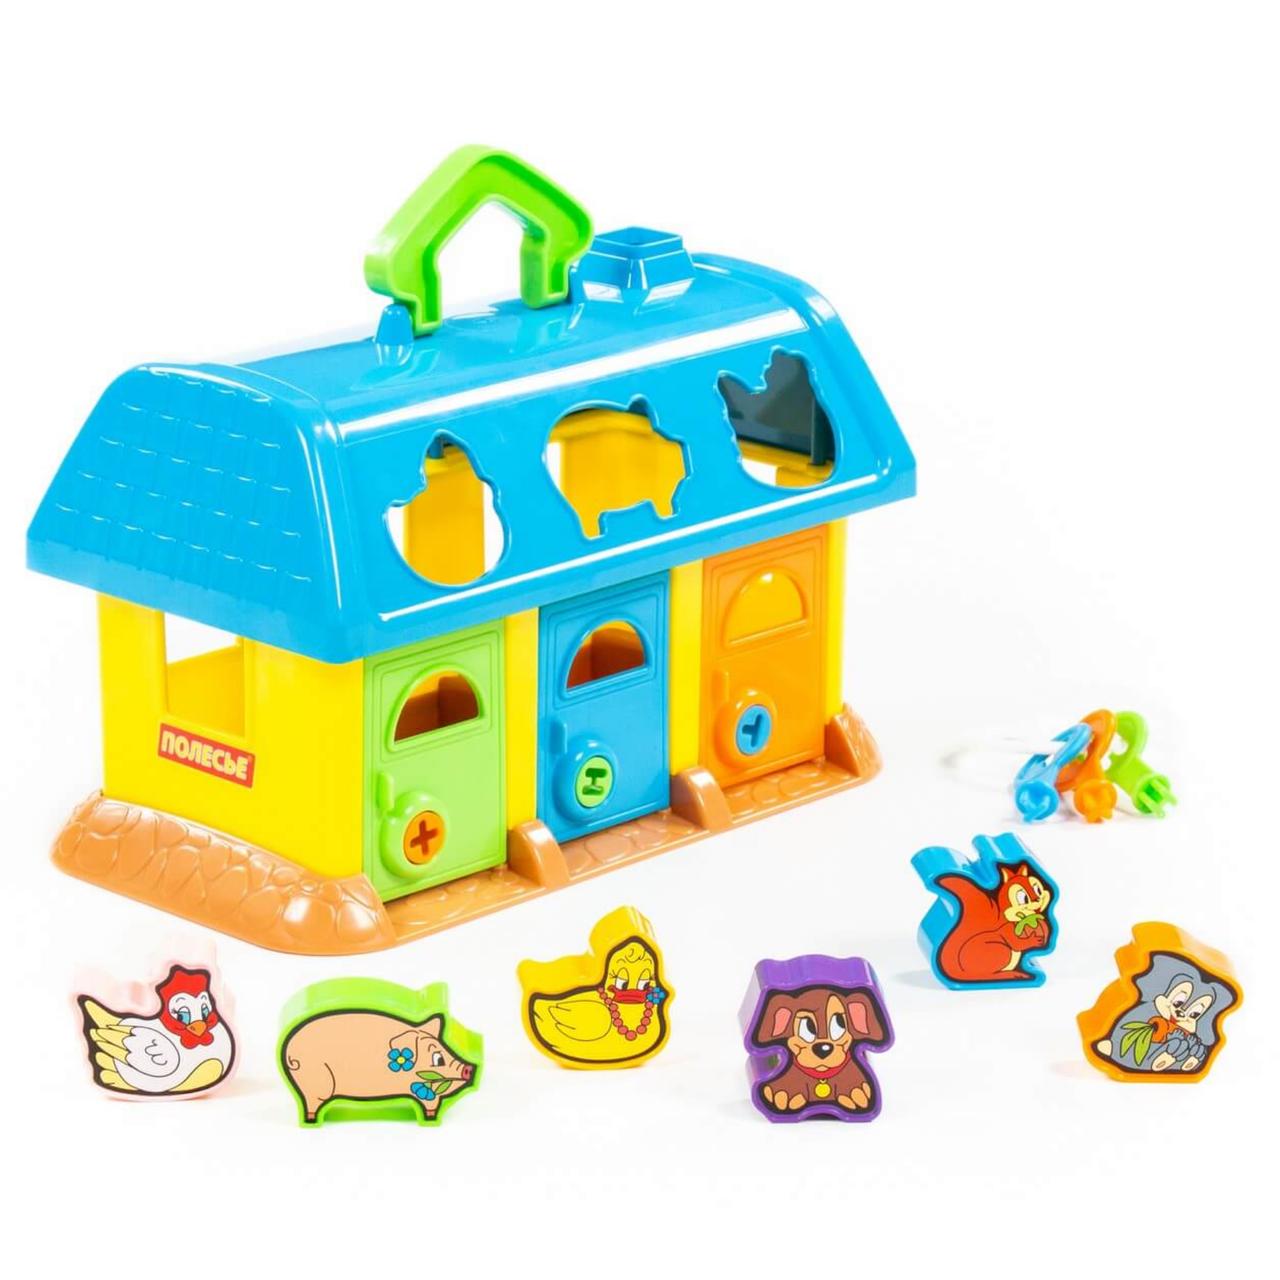 """Розвиваюча іграшка-сортер """"Логічний будиночок для звірів"""" синій, Polesie (9166-3)"""